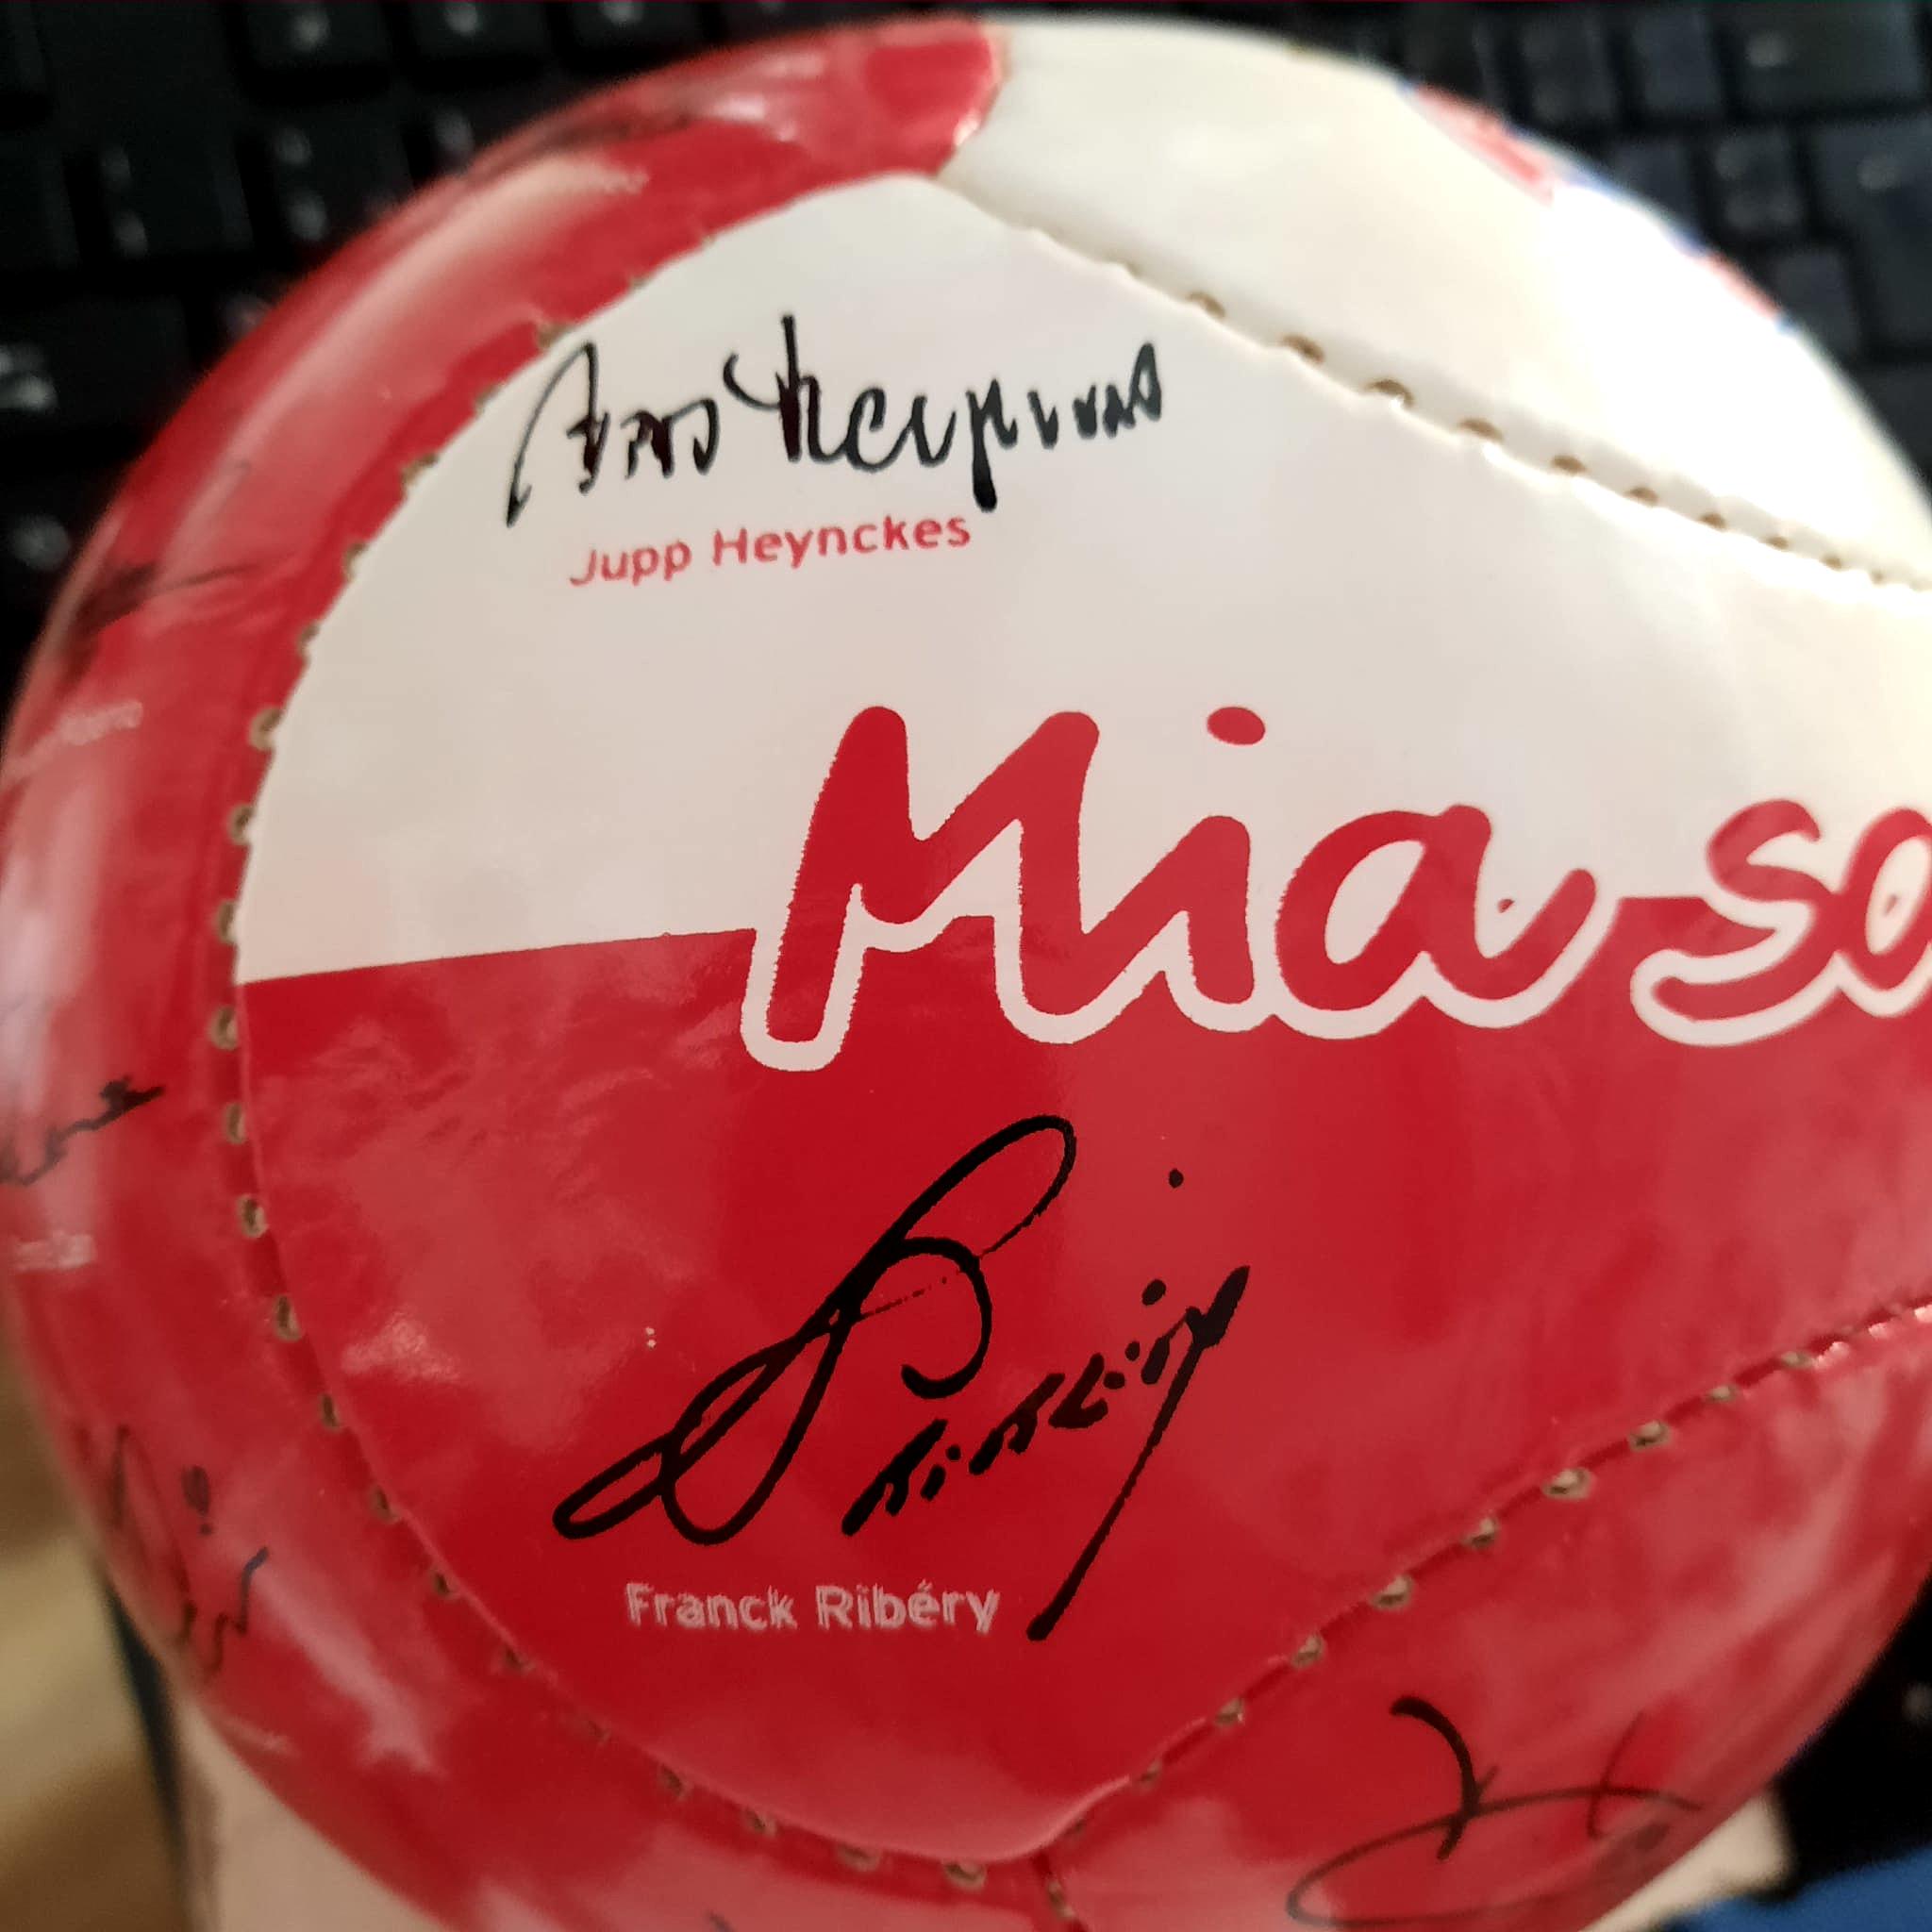 Ein Ball aus unserer Sammlung!